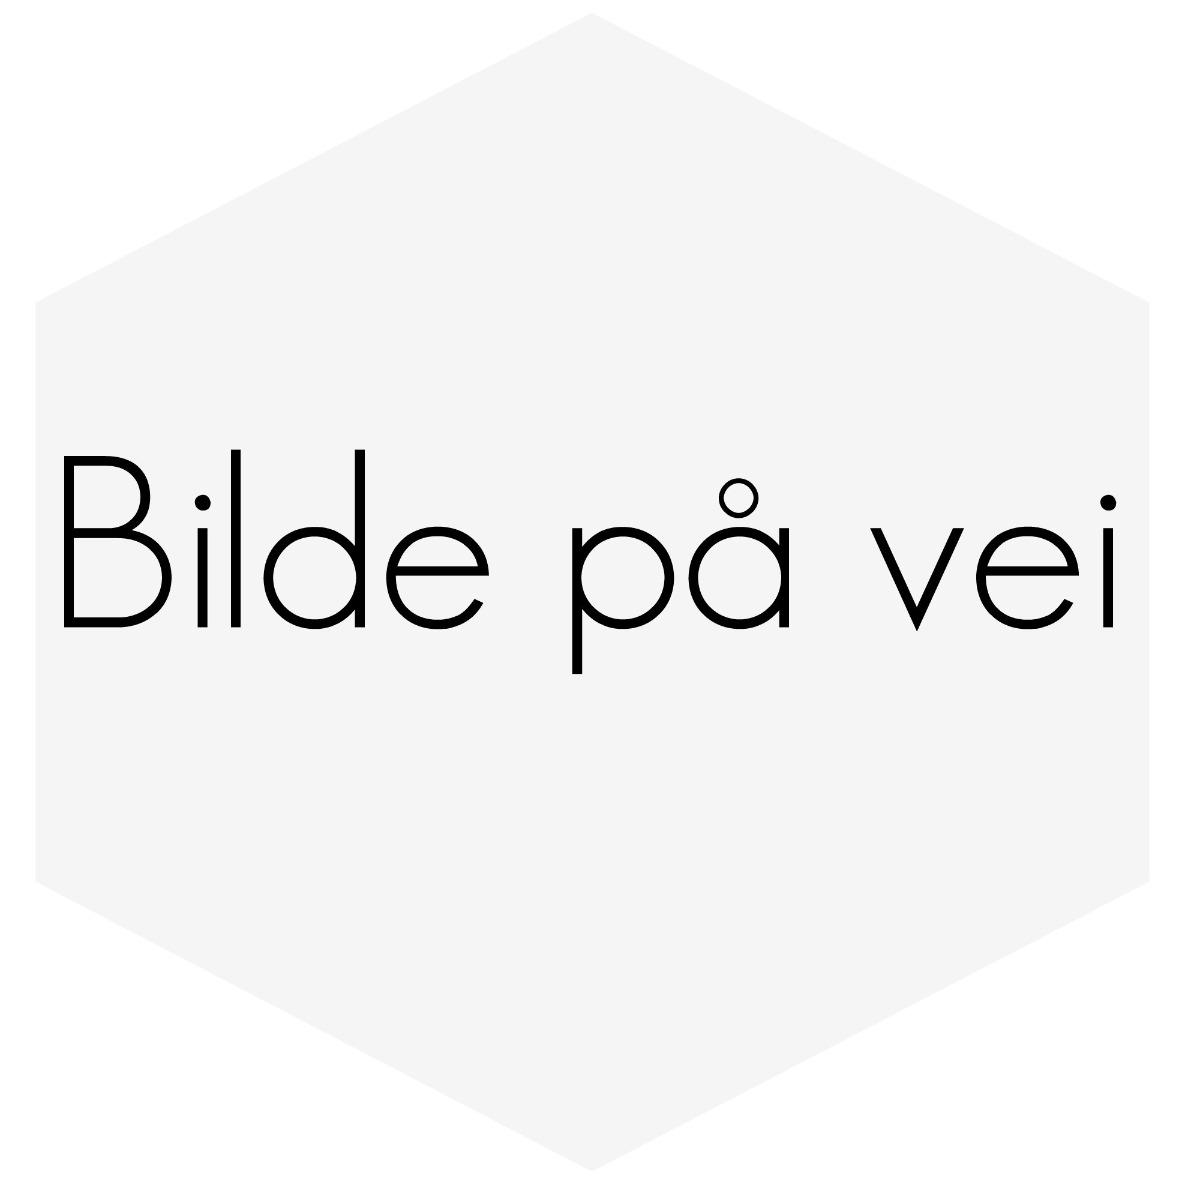 SILIKONSLANGE SVART FLEXIBEL GLATT 1,0'' (25MM)